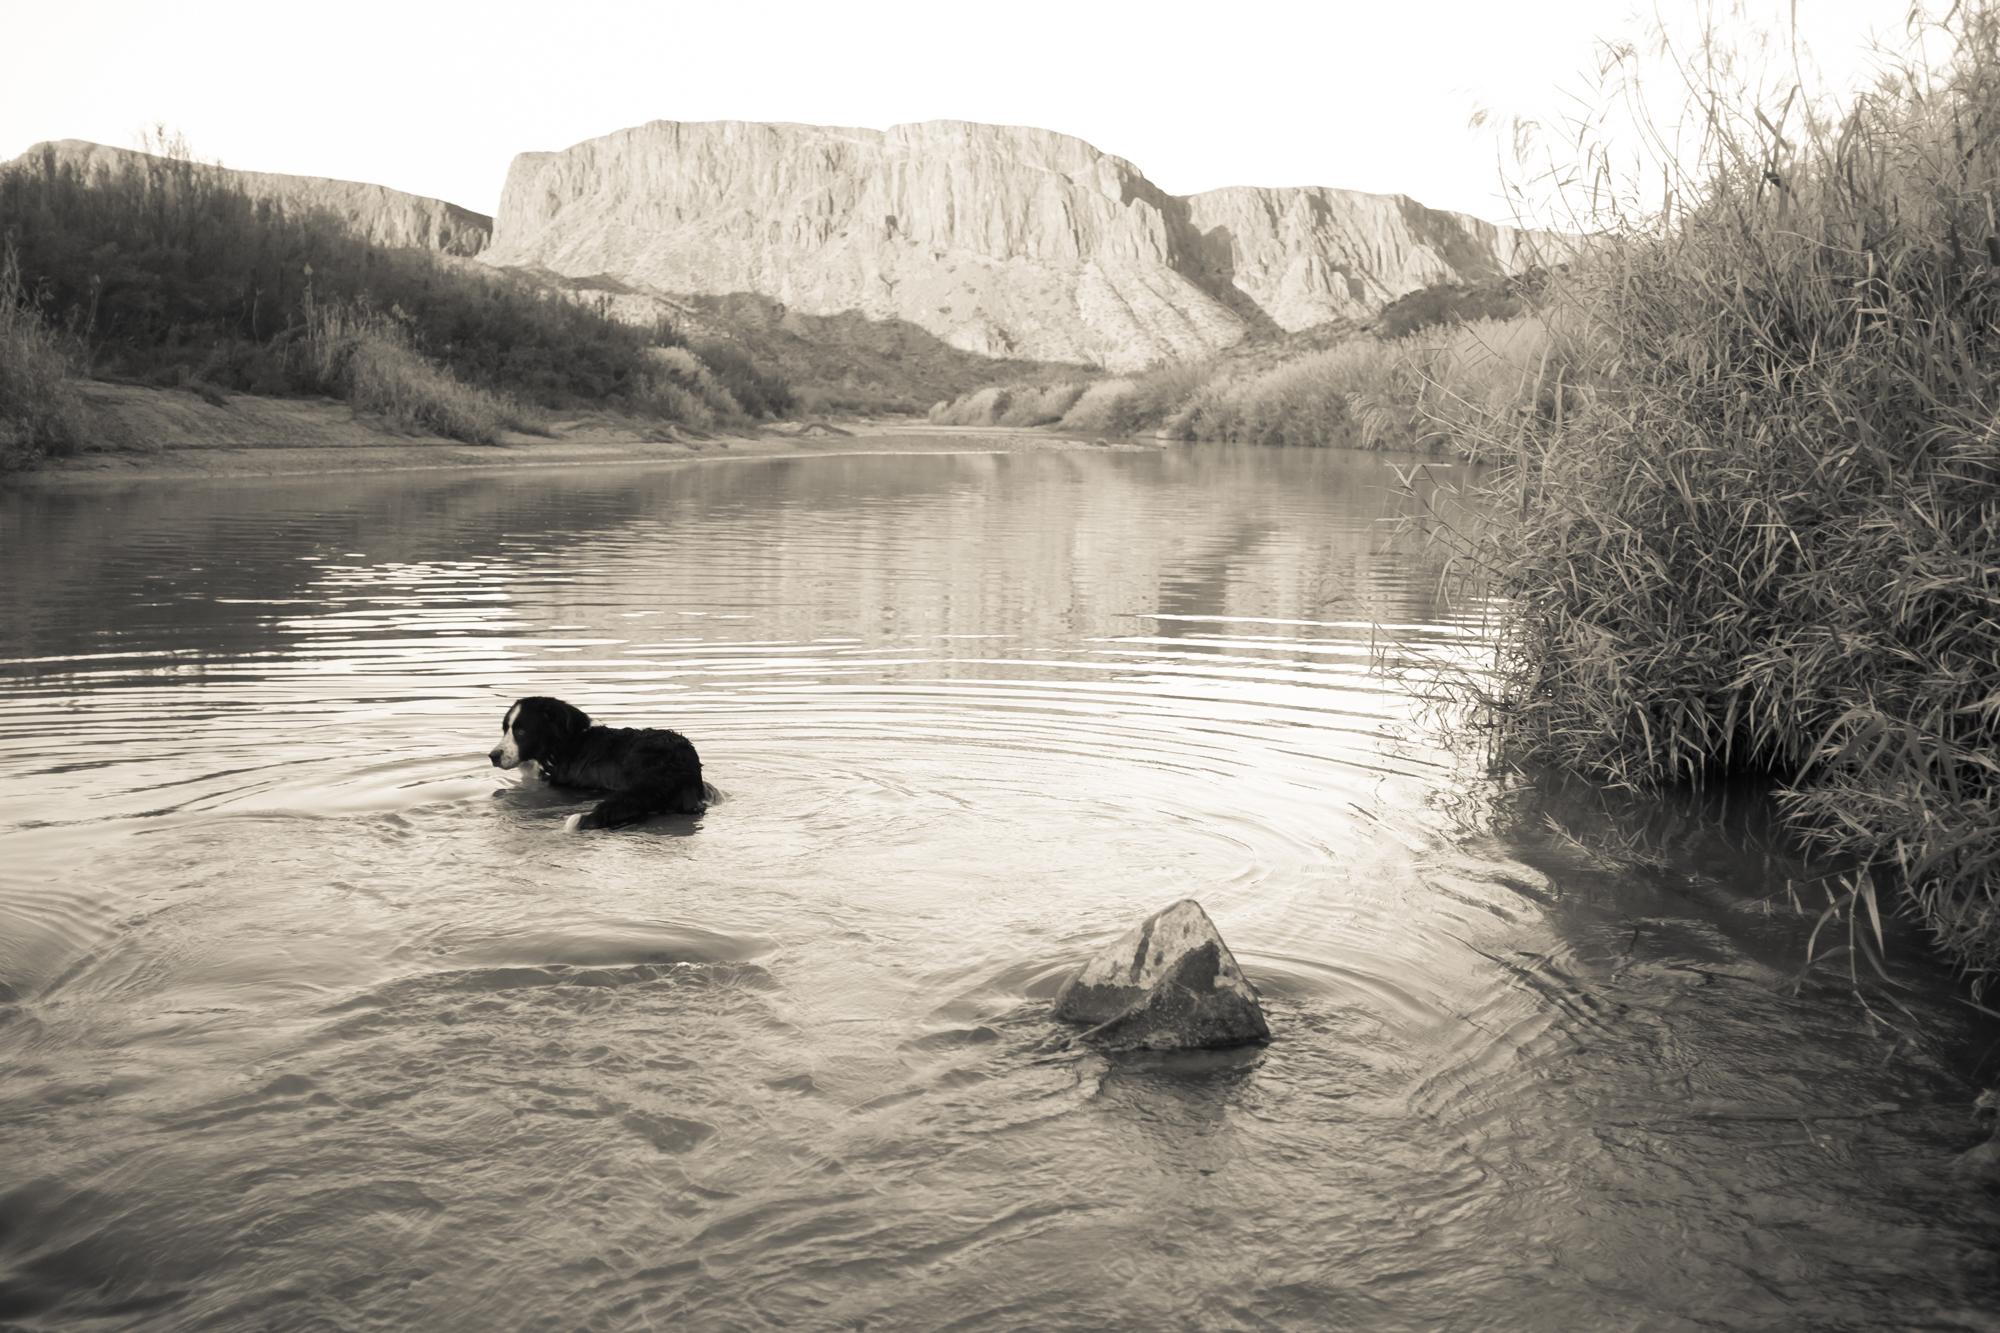 The Rio Grande near Lajitas, Texas.